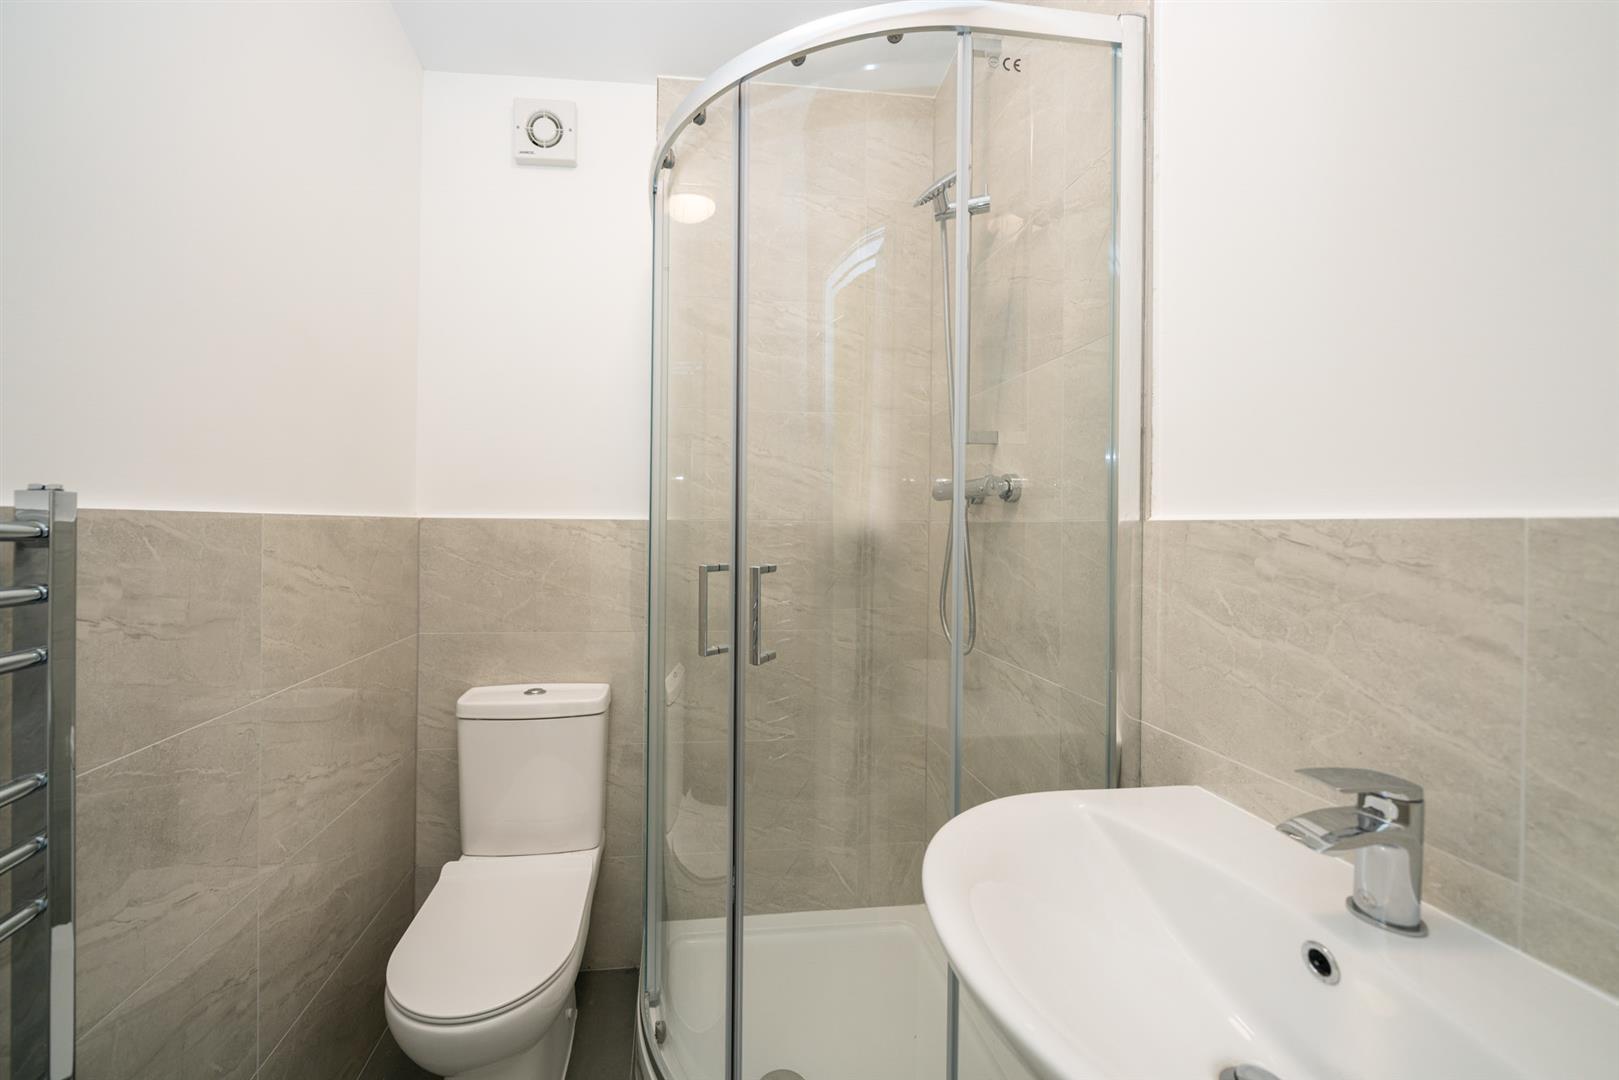 Golden-Parsonage-Lodge-2 - shower room.jpg